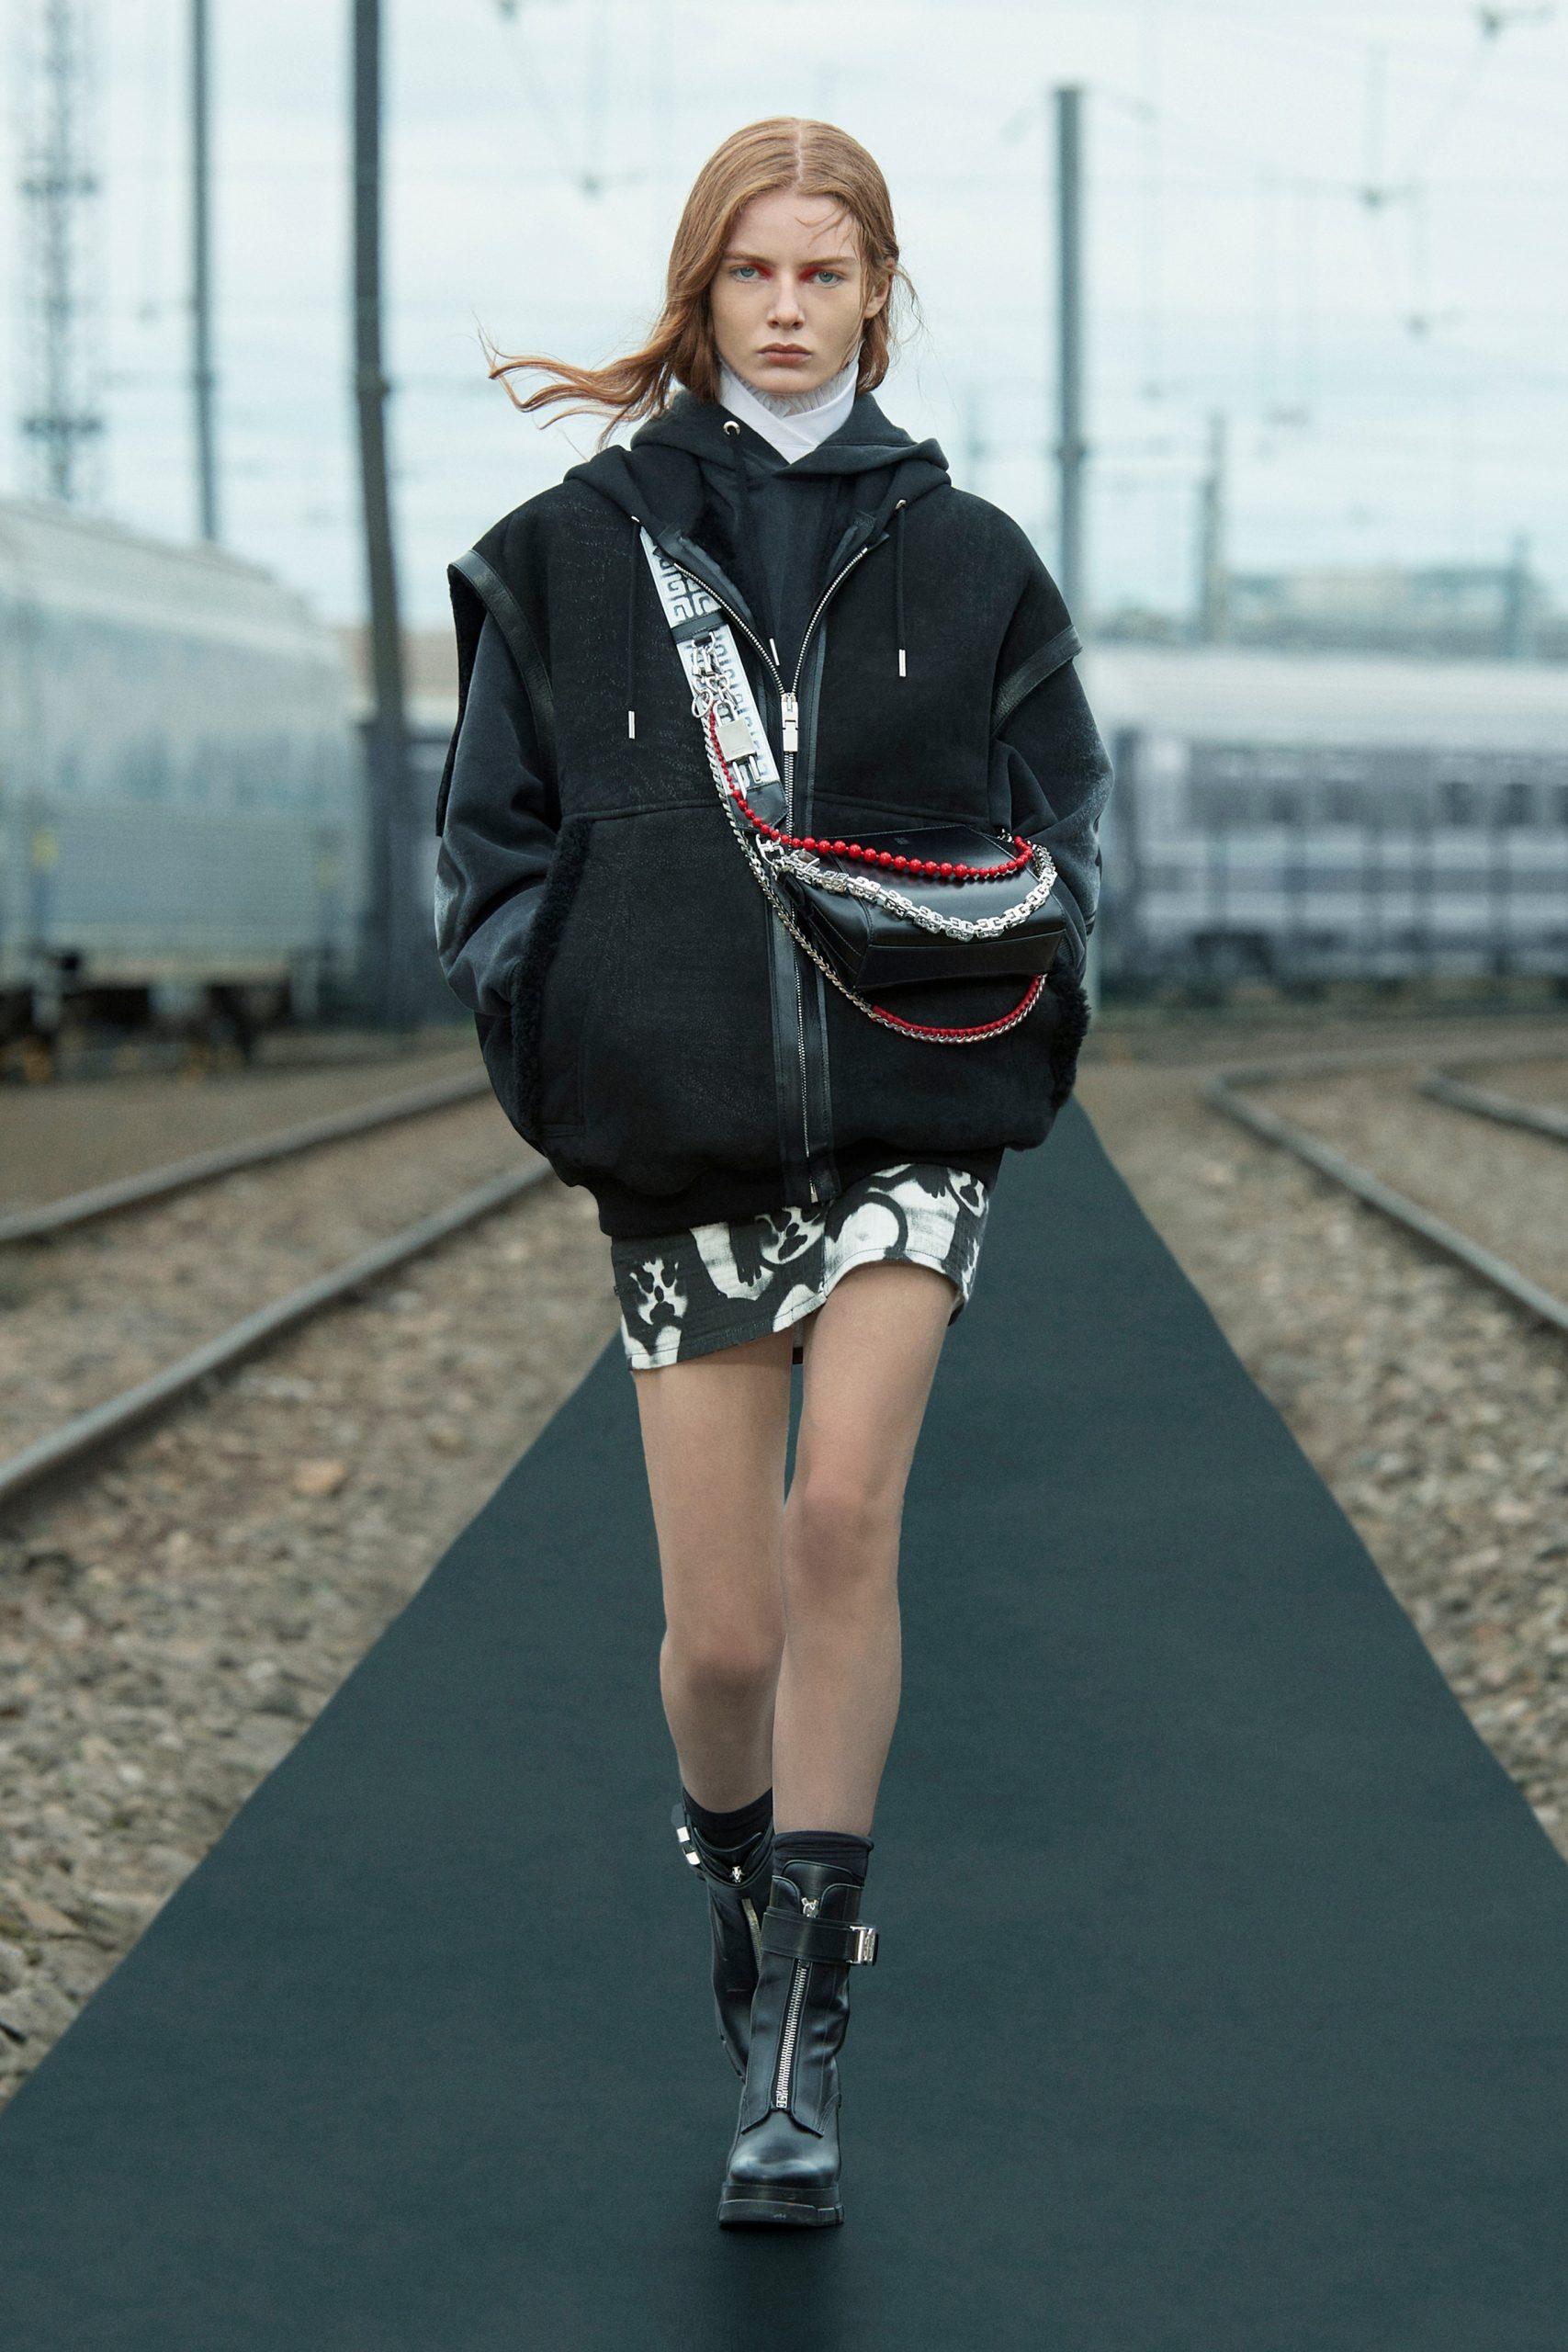 Các tác phẩm của Chito chính là điểm nhấn cho bộ sưu tập mùa này của Givenchy